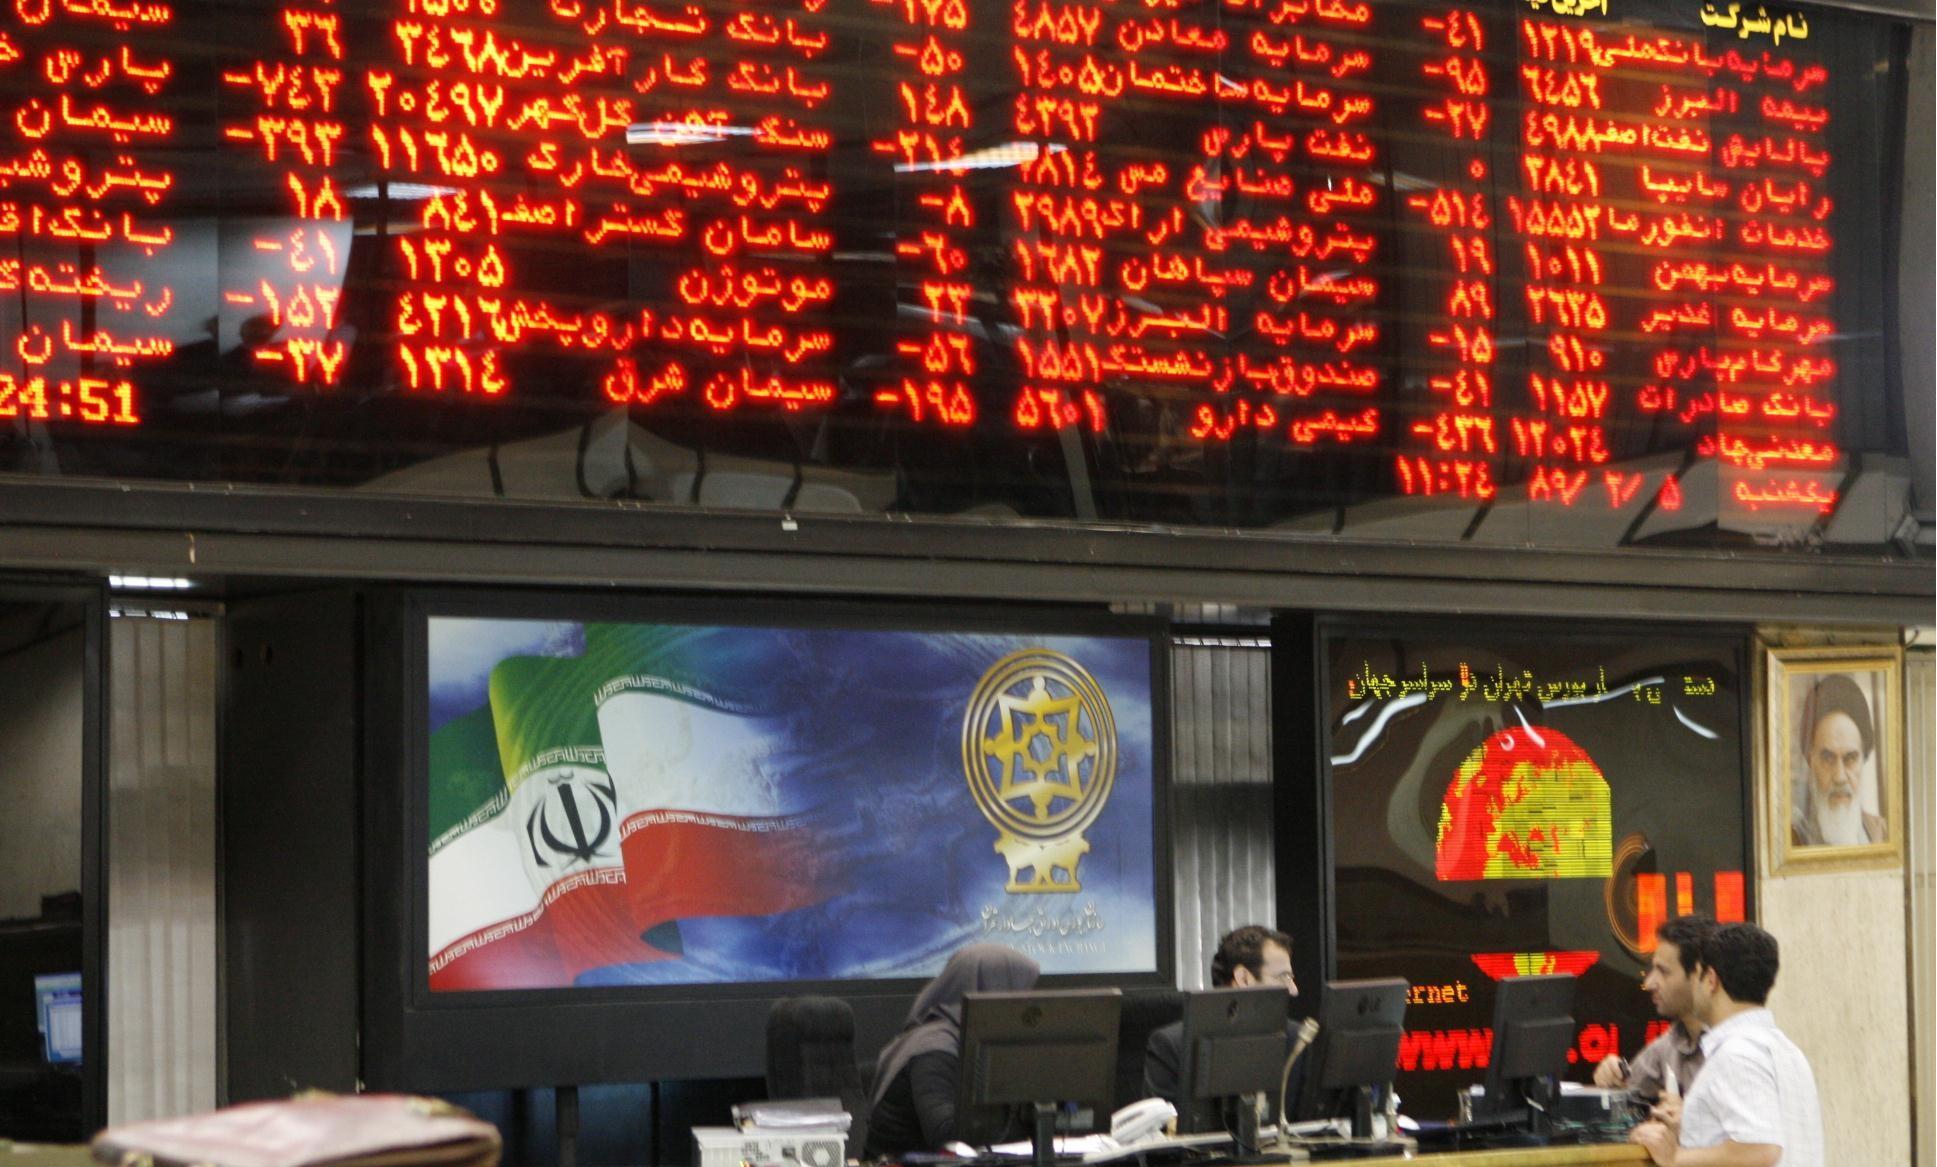 کدام نماد بورسی، بیشترین سود را به سهامداران داد؟